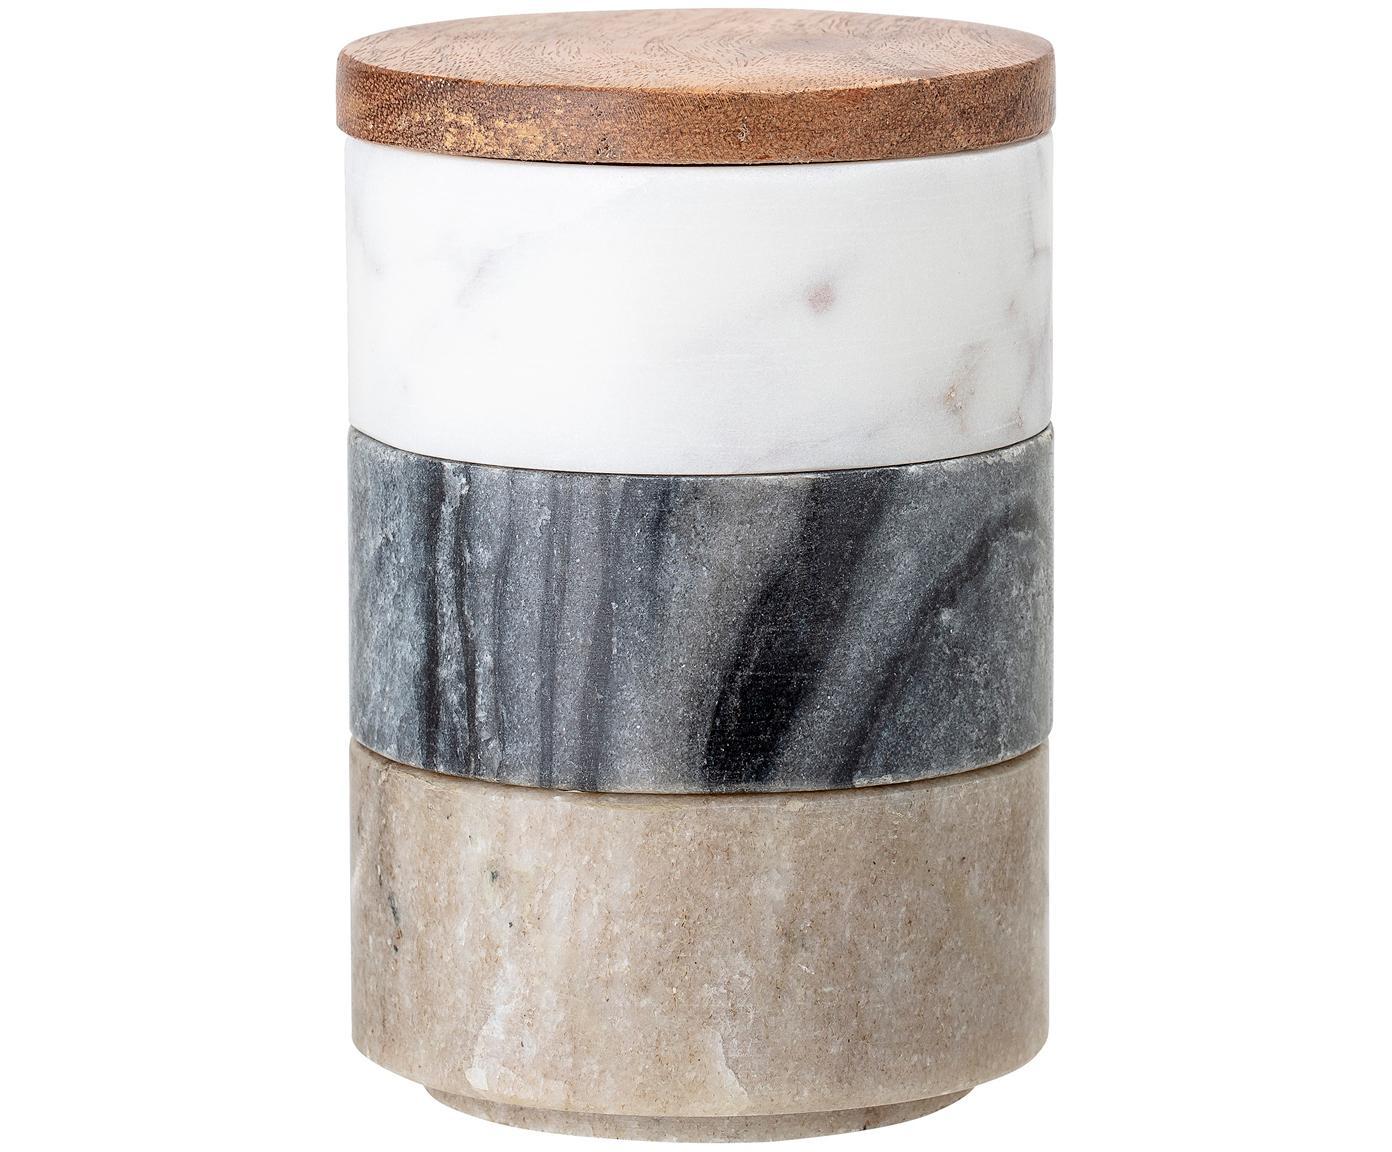 Kleine Aufbewahrungsdosen Gatherings aus Marmor, 4er-Set, Dosen: Marmor, Deckel: Akazienholz, Braun, Grau, Weiss, marmoriert, Ø 8 x H 12 cm